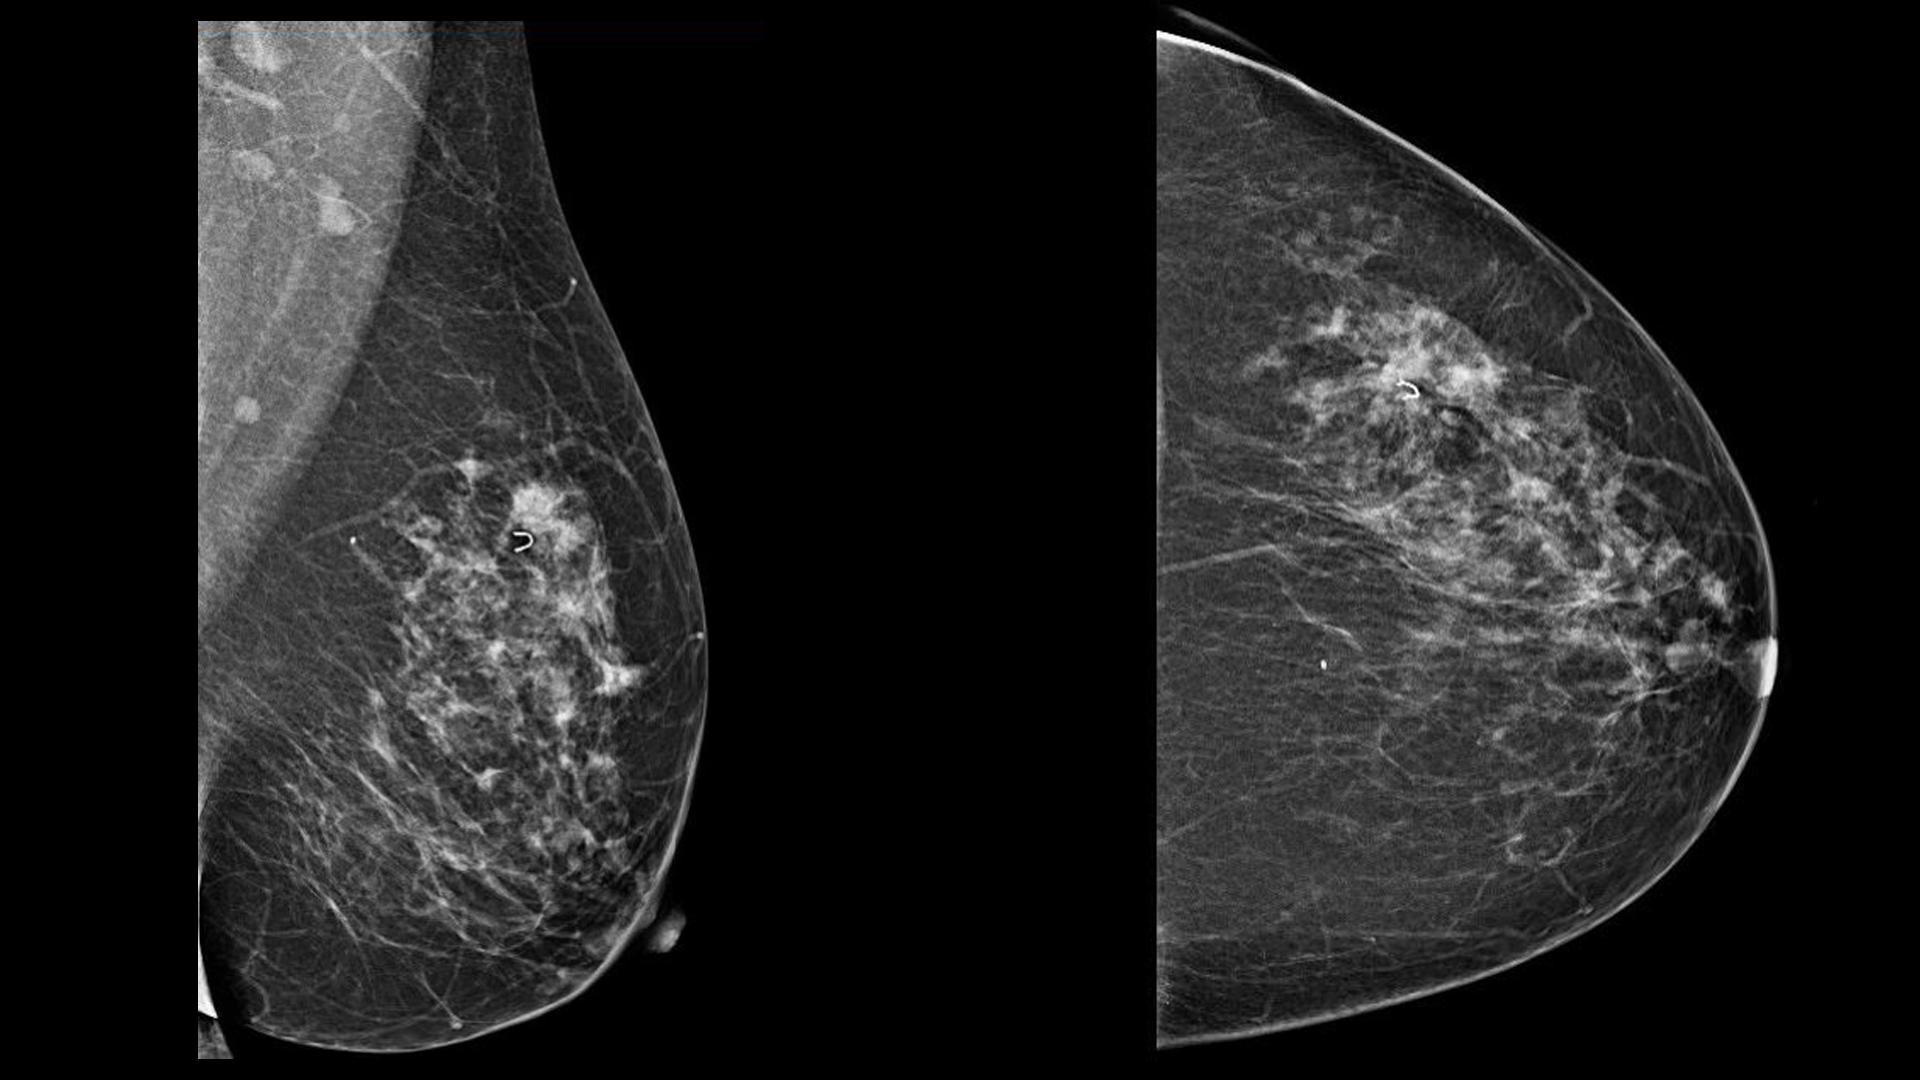 Эксперты считают, что существующие ограничения маммографии можно преодолеть с помощью новых подходов к визуализации, таких как томосинтез и сокращенные протоколы МРТ.